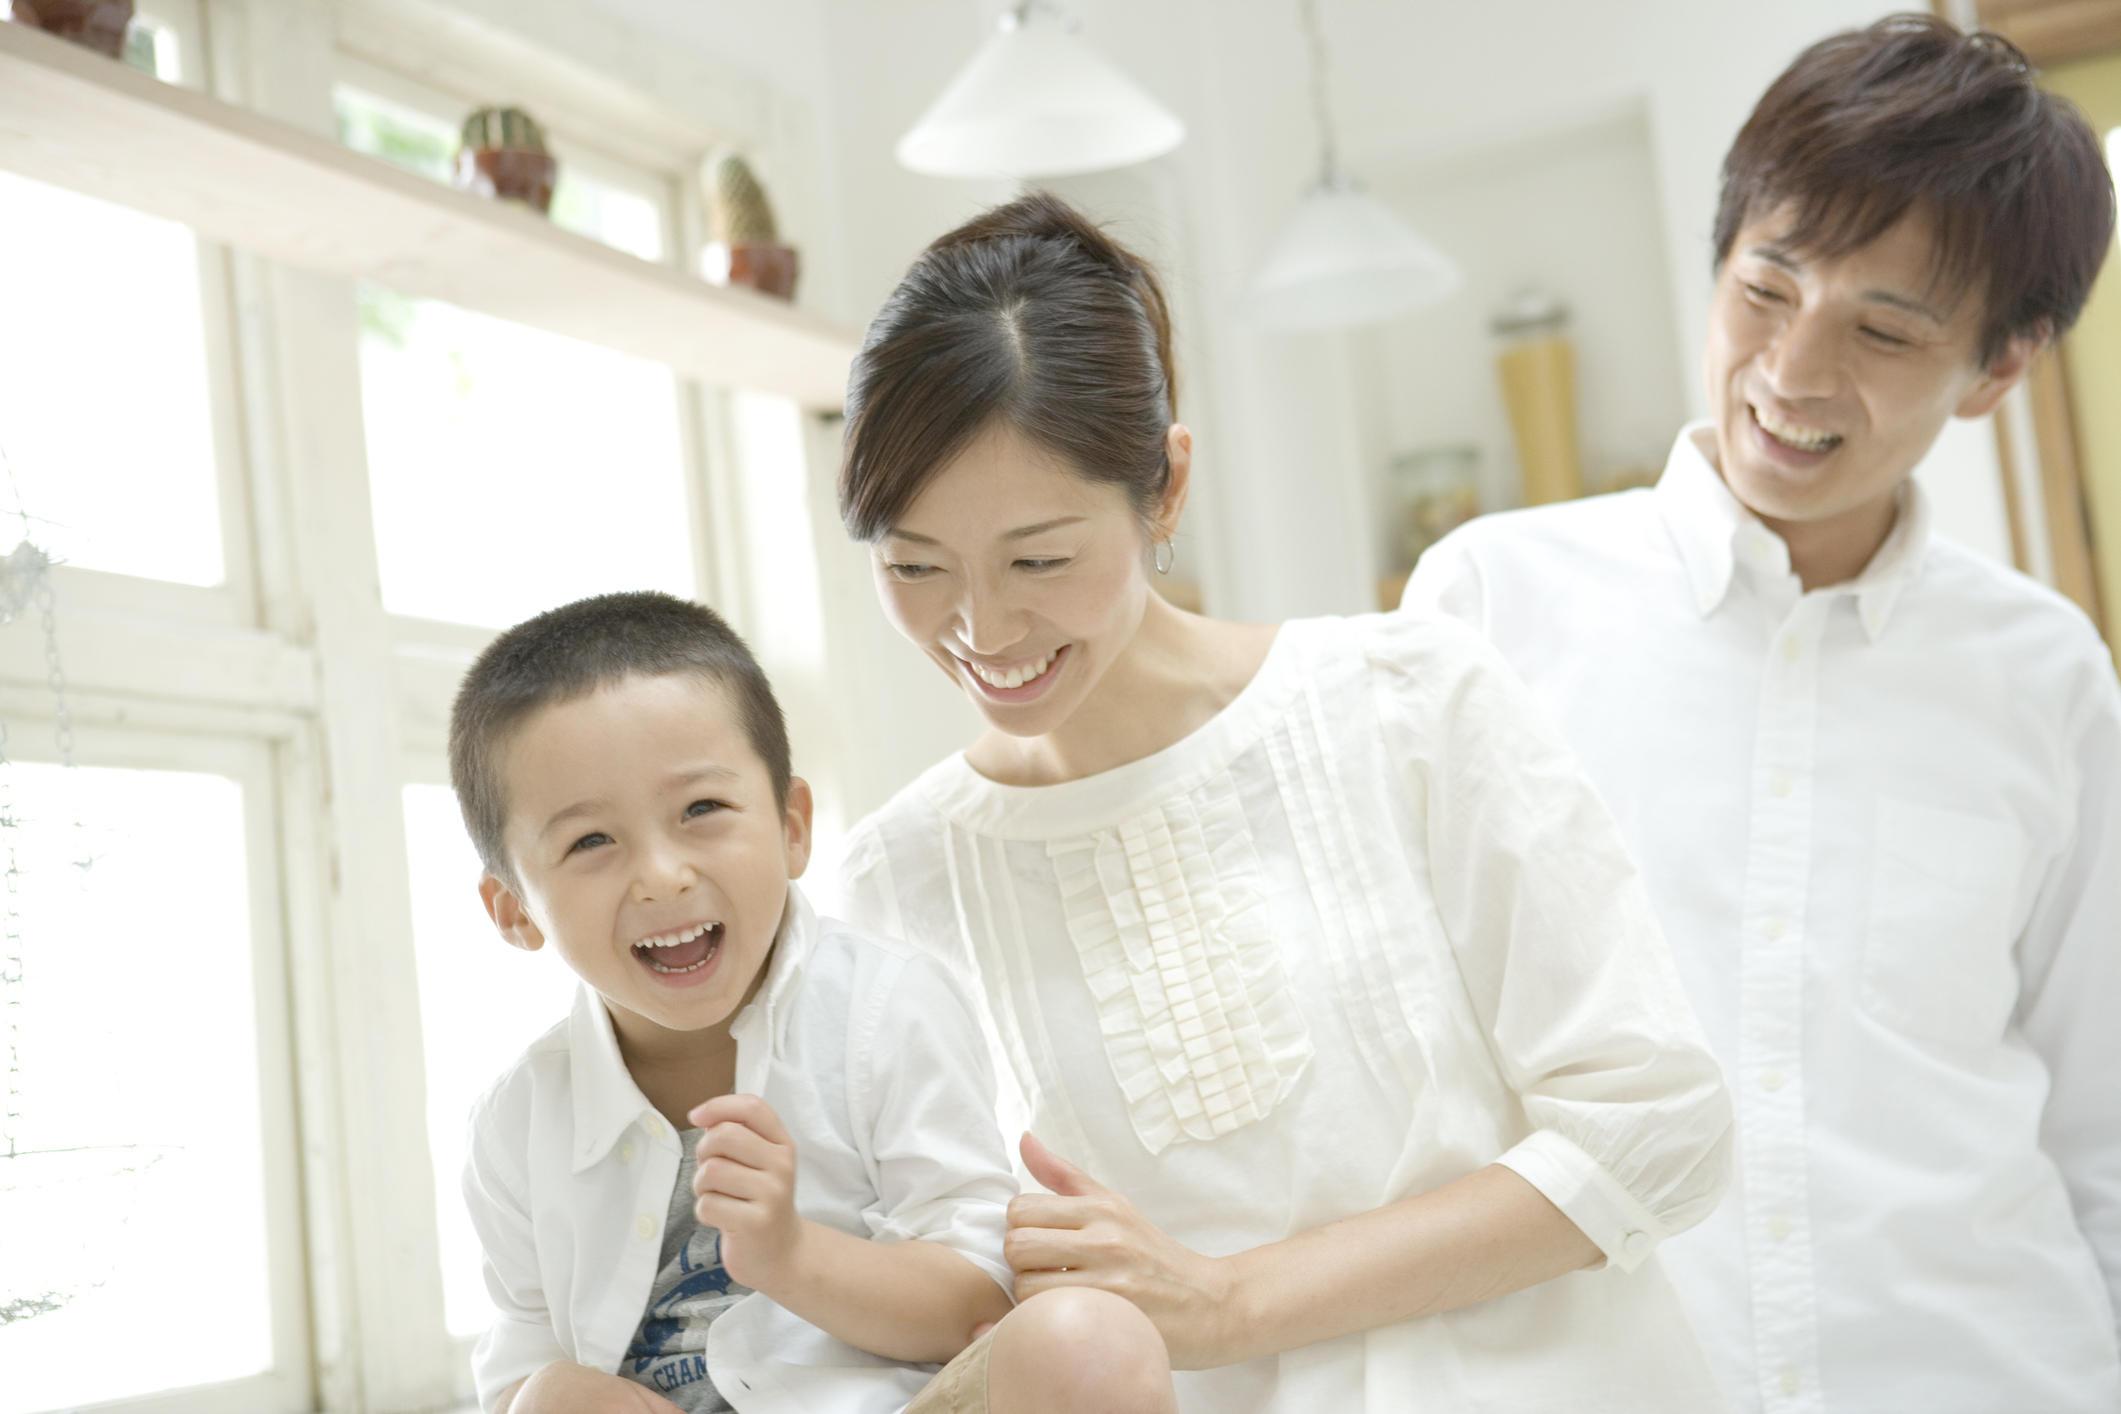 【福岡市博多区】転職で年収が一気に180万円アップ!心に余裕もでき、新しい分野へのチャレンジ欲も!